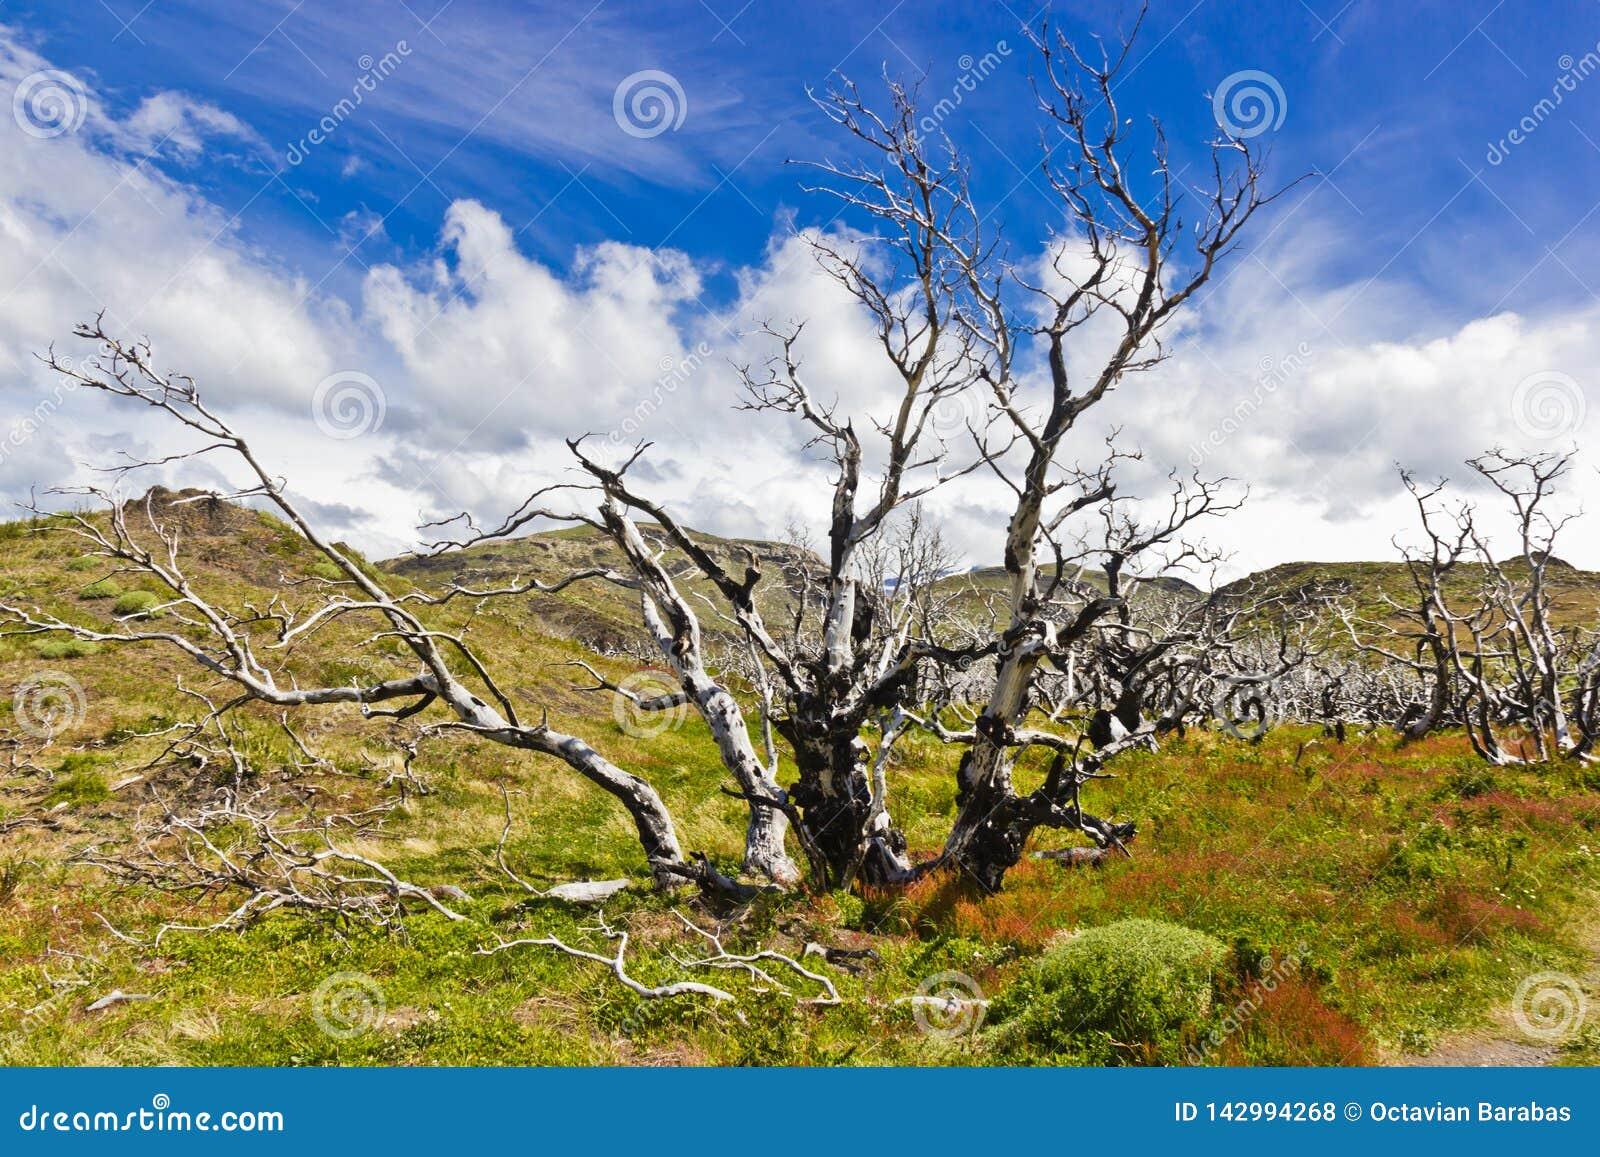 Gebrannte Bäume in Naturschutzpark Torres Del Paine